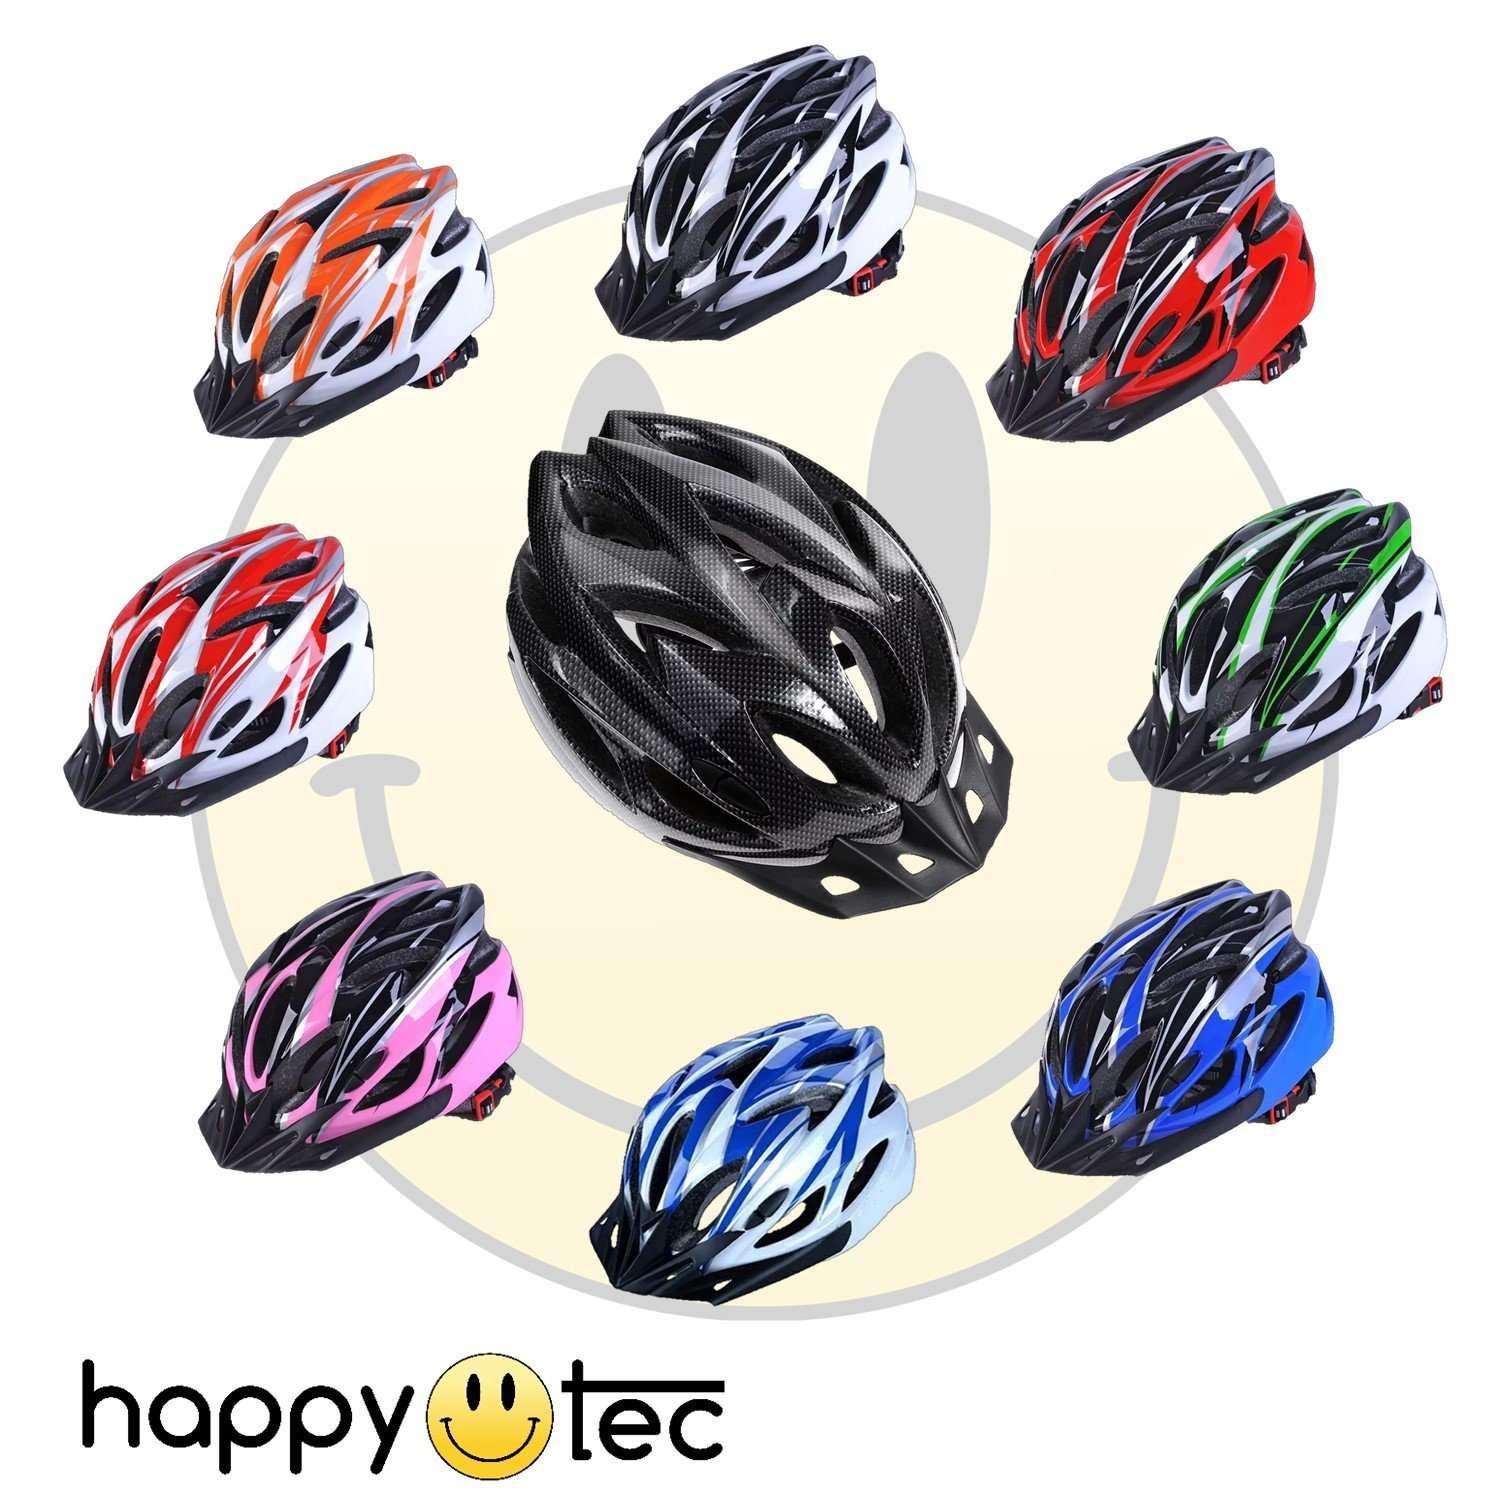 Casco protettivo ultraleggero per bici o monopattini (Modello Sport) Carbonio